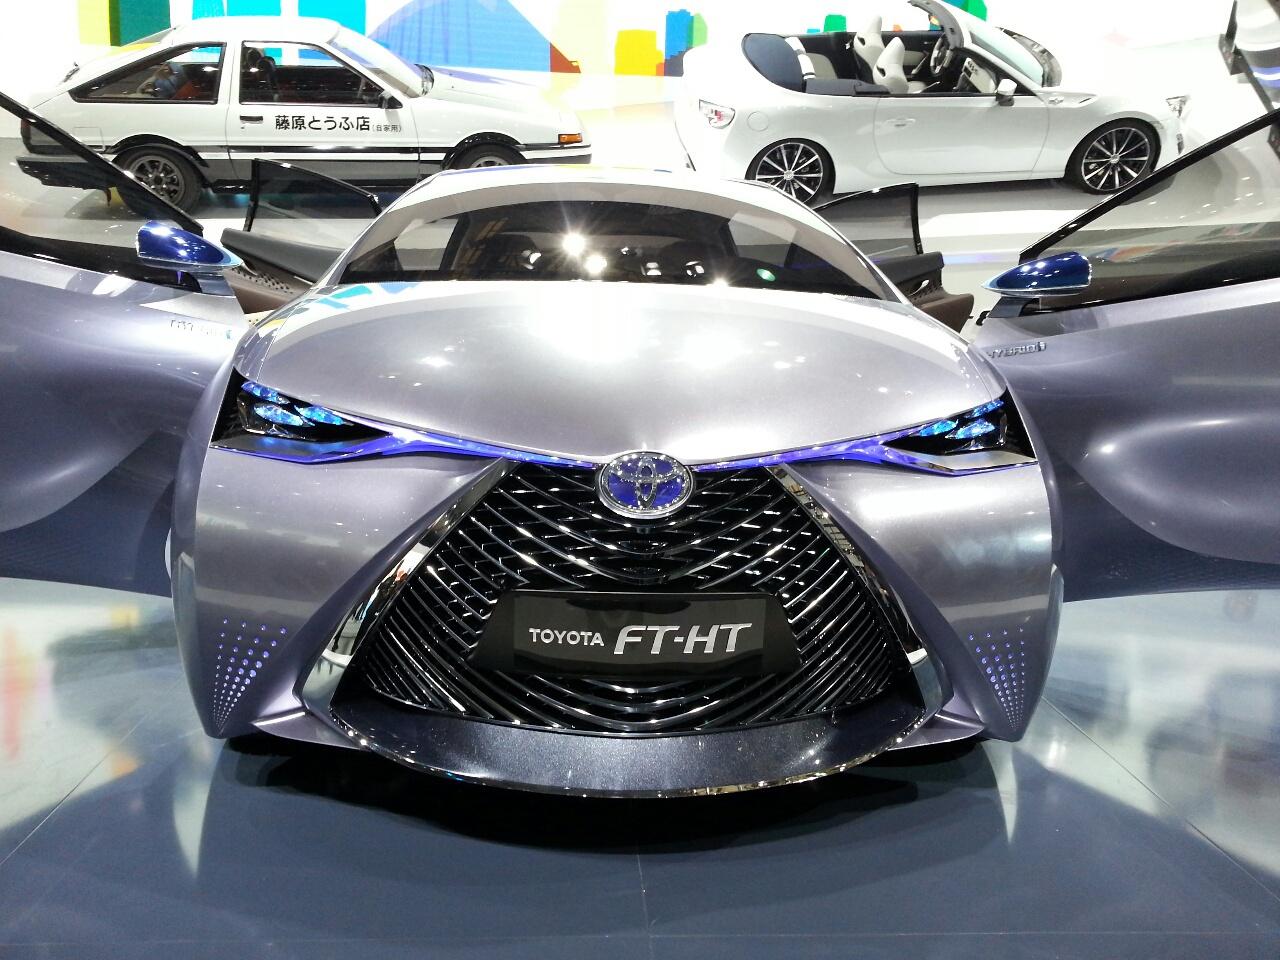 36208 скачать обои Транспорт, Машины, Тойота (Toyota) - заставки и картинки бесплатно